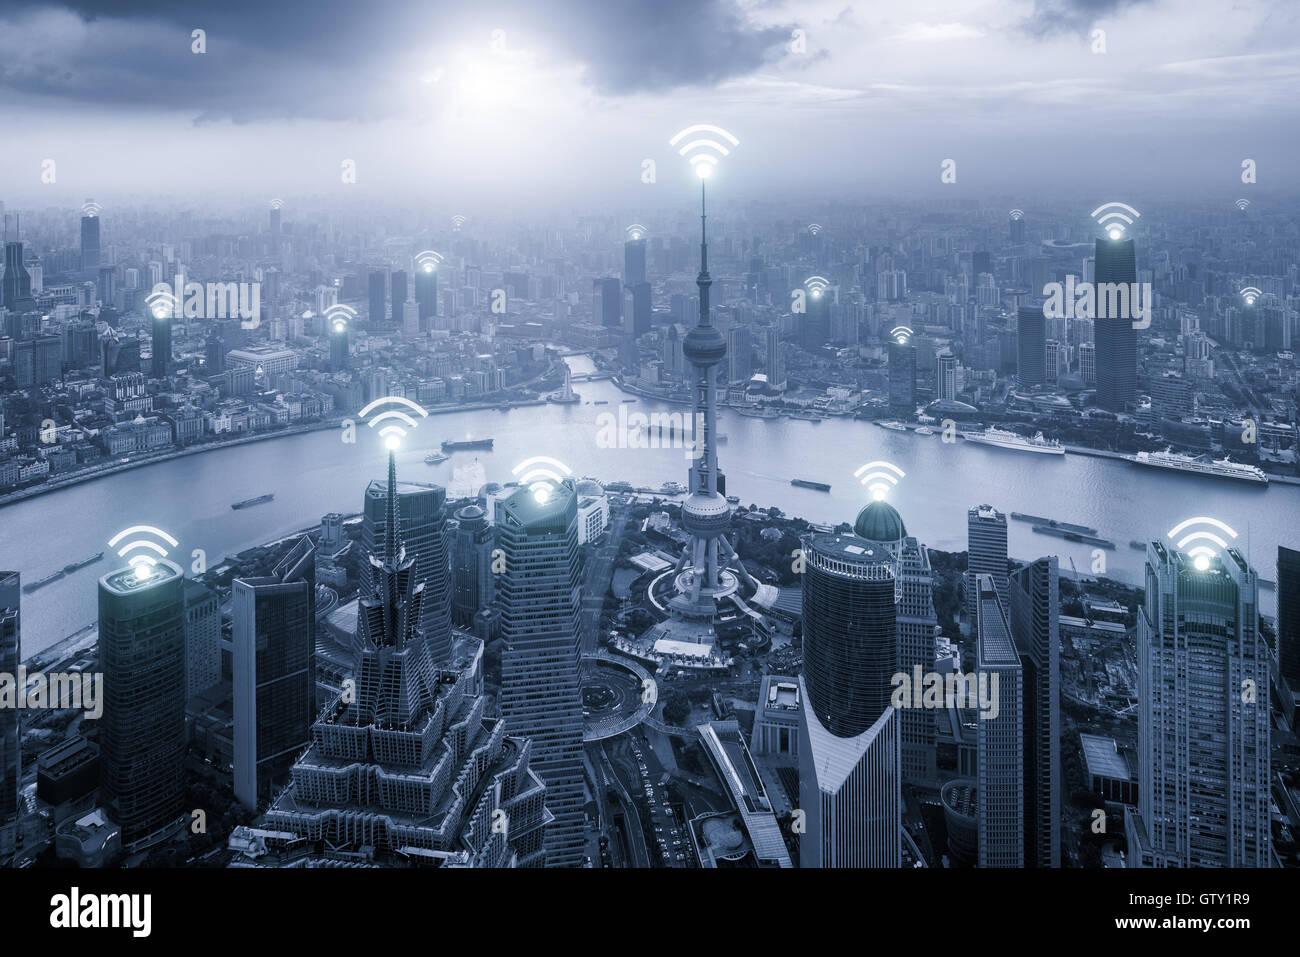 Luftaufnahme der Skyline von Shanghai mit WLAN-Netzwerkverbindung im Zentrum Geschäftsviertel. Technologie, Stockbild